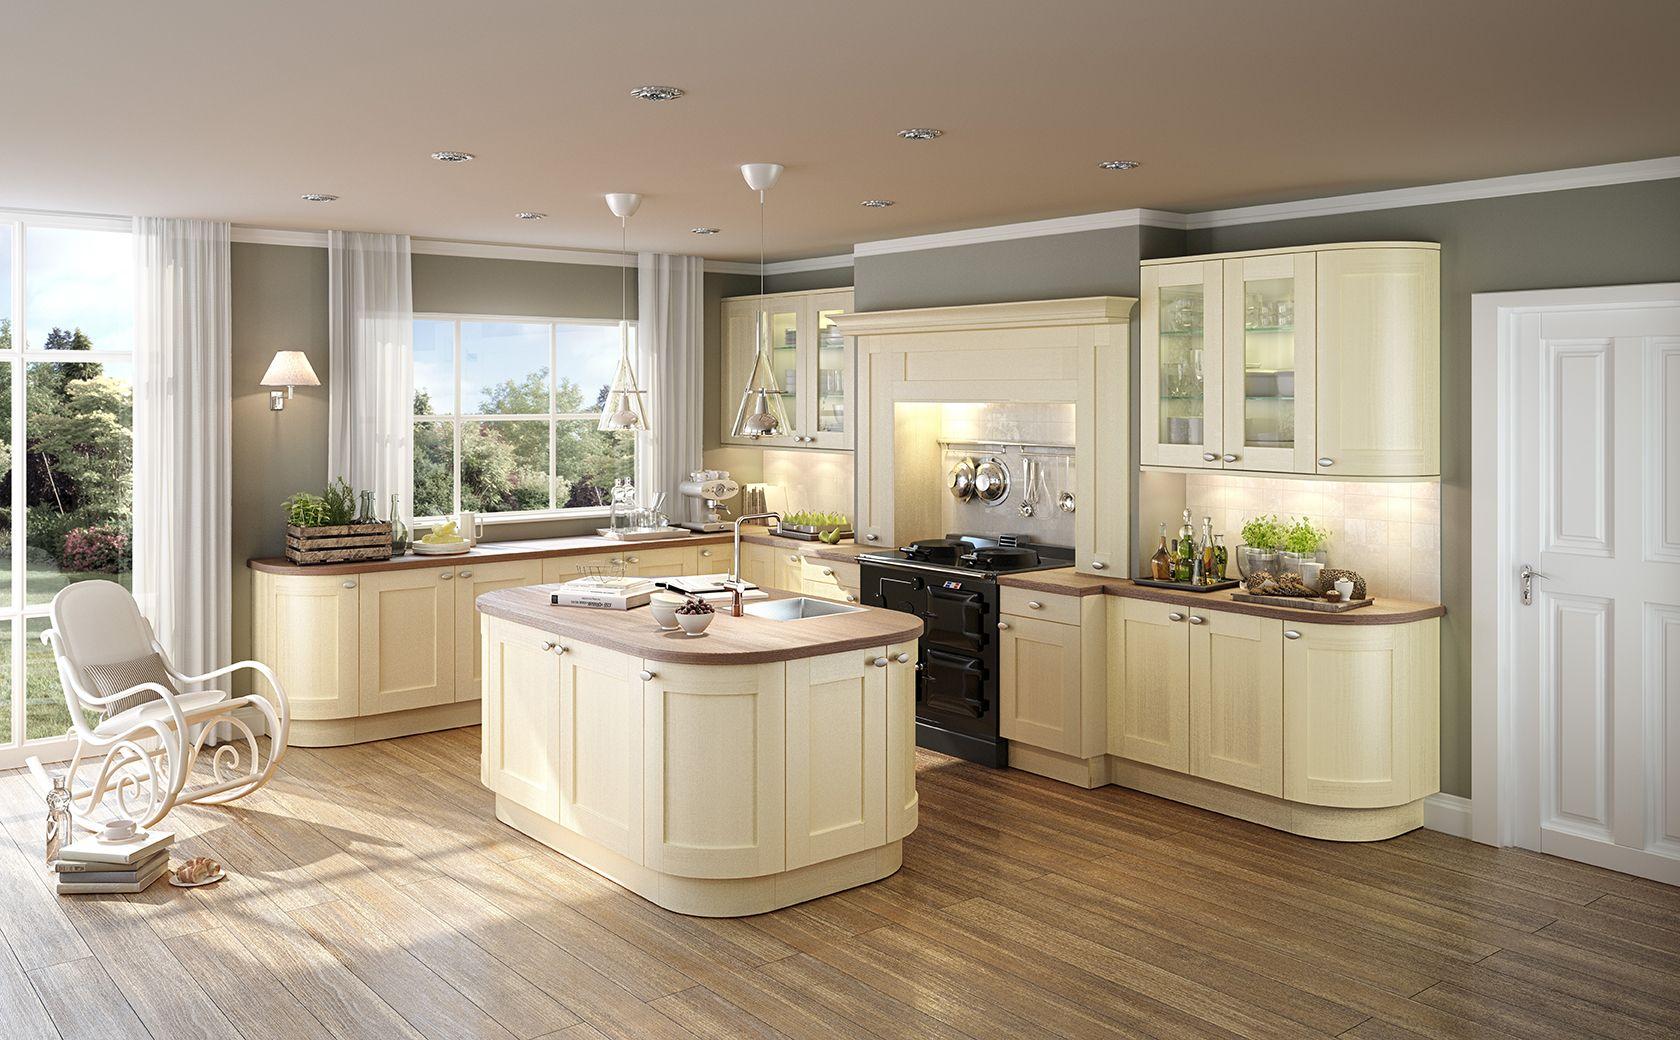 Kueche Vanille Nussbaum Kitchen design centre, Classical